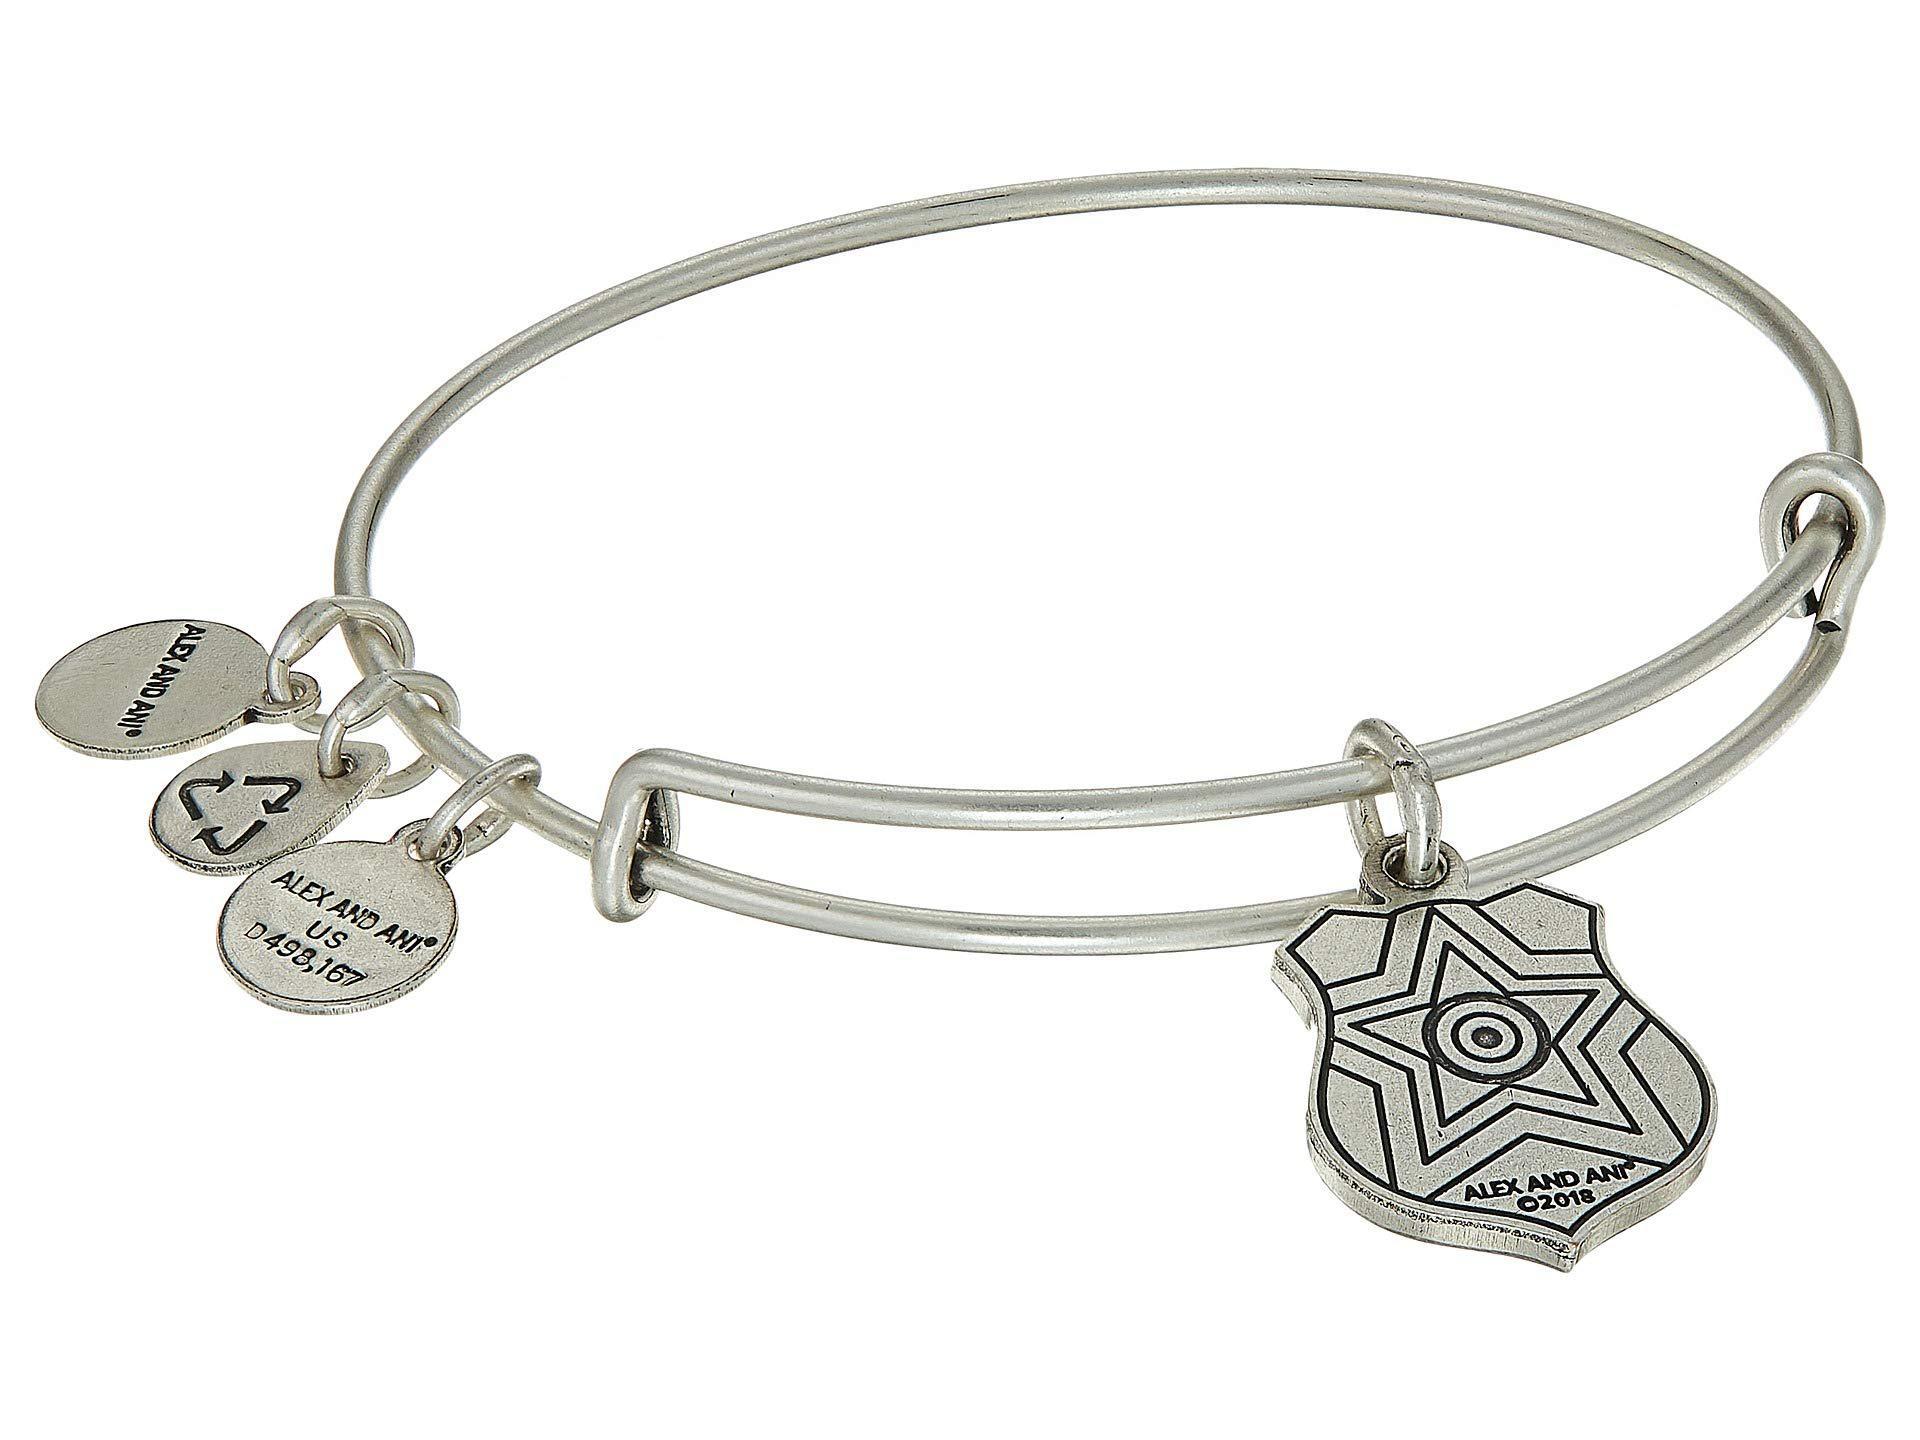 476b7b52abc43 ALEX AND ANI Law Enforcement Bangle (rafaelian Gold) Bracelet in ...